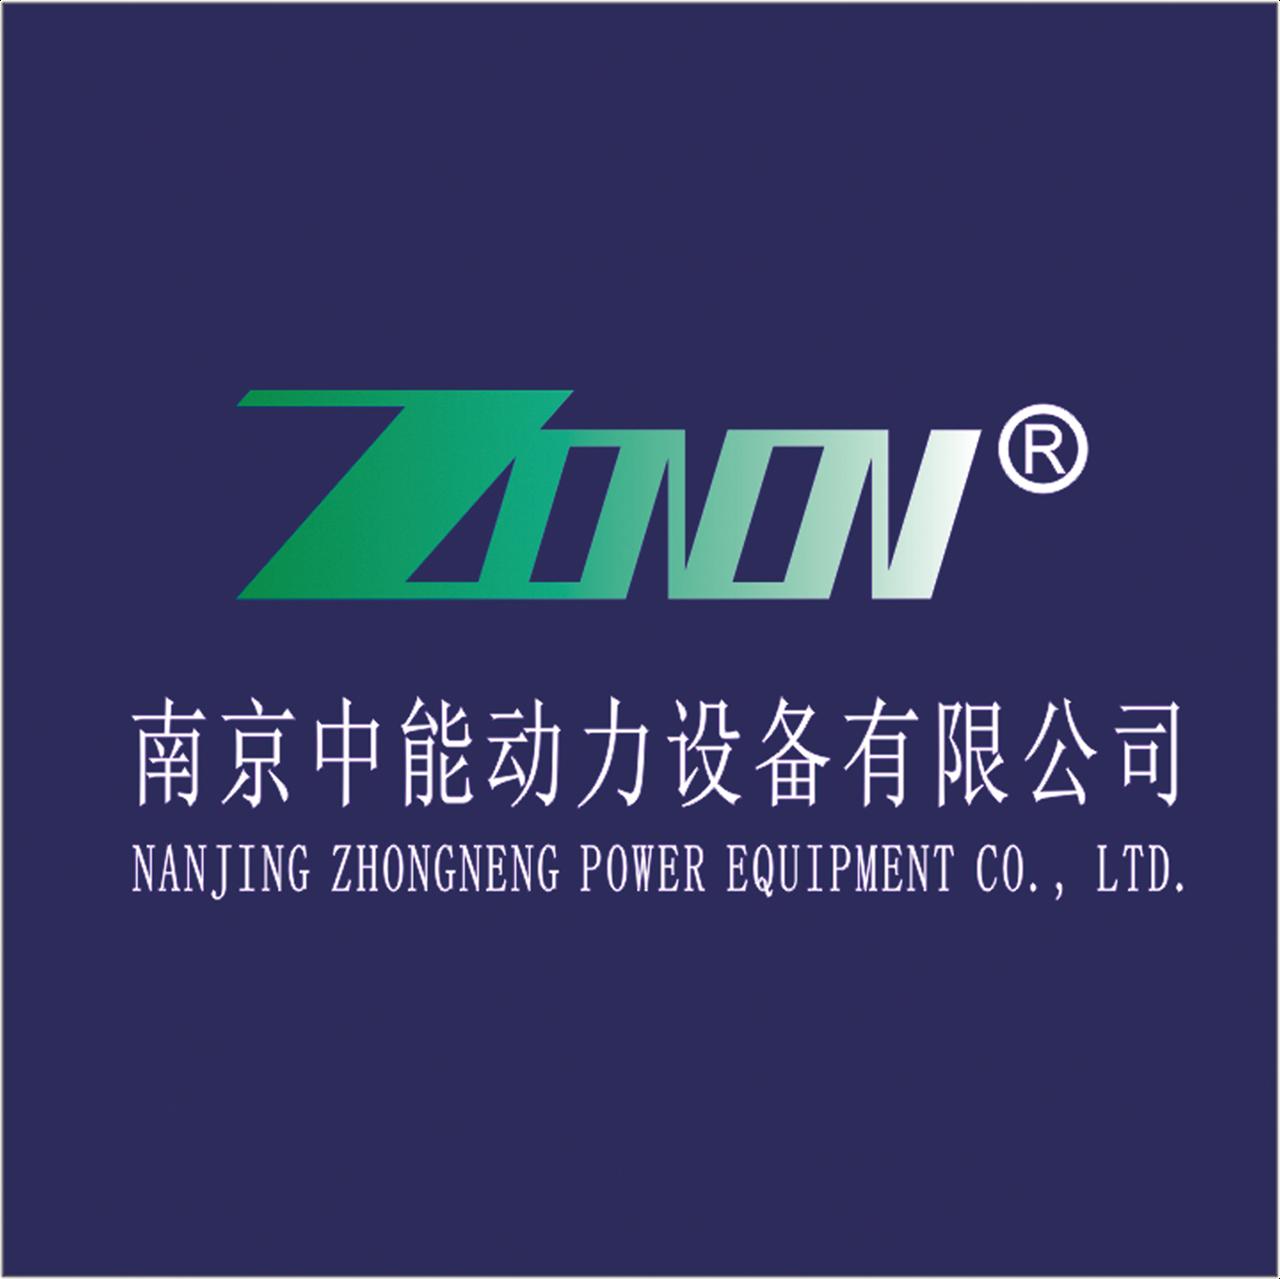 南京中能动力设备有限公司